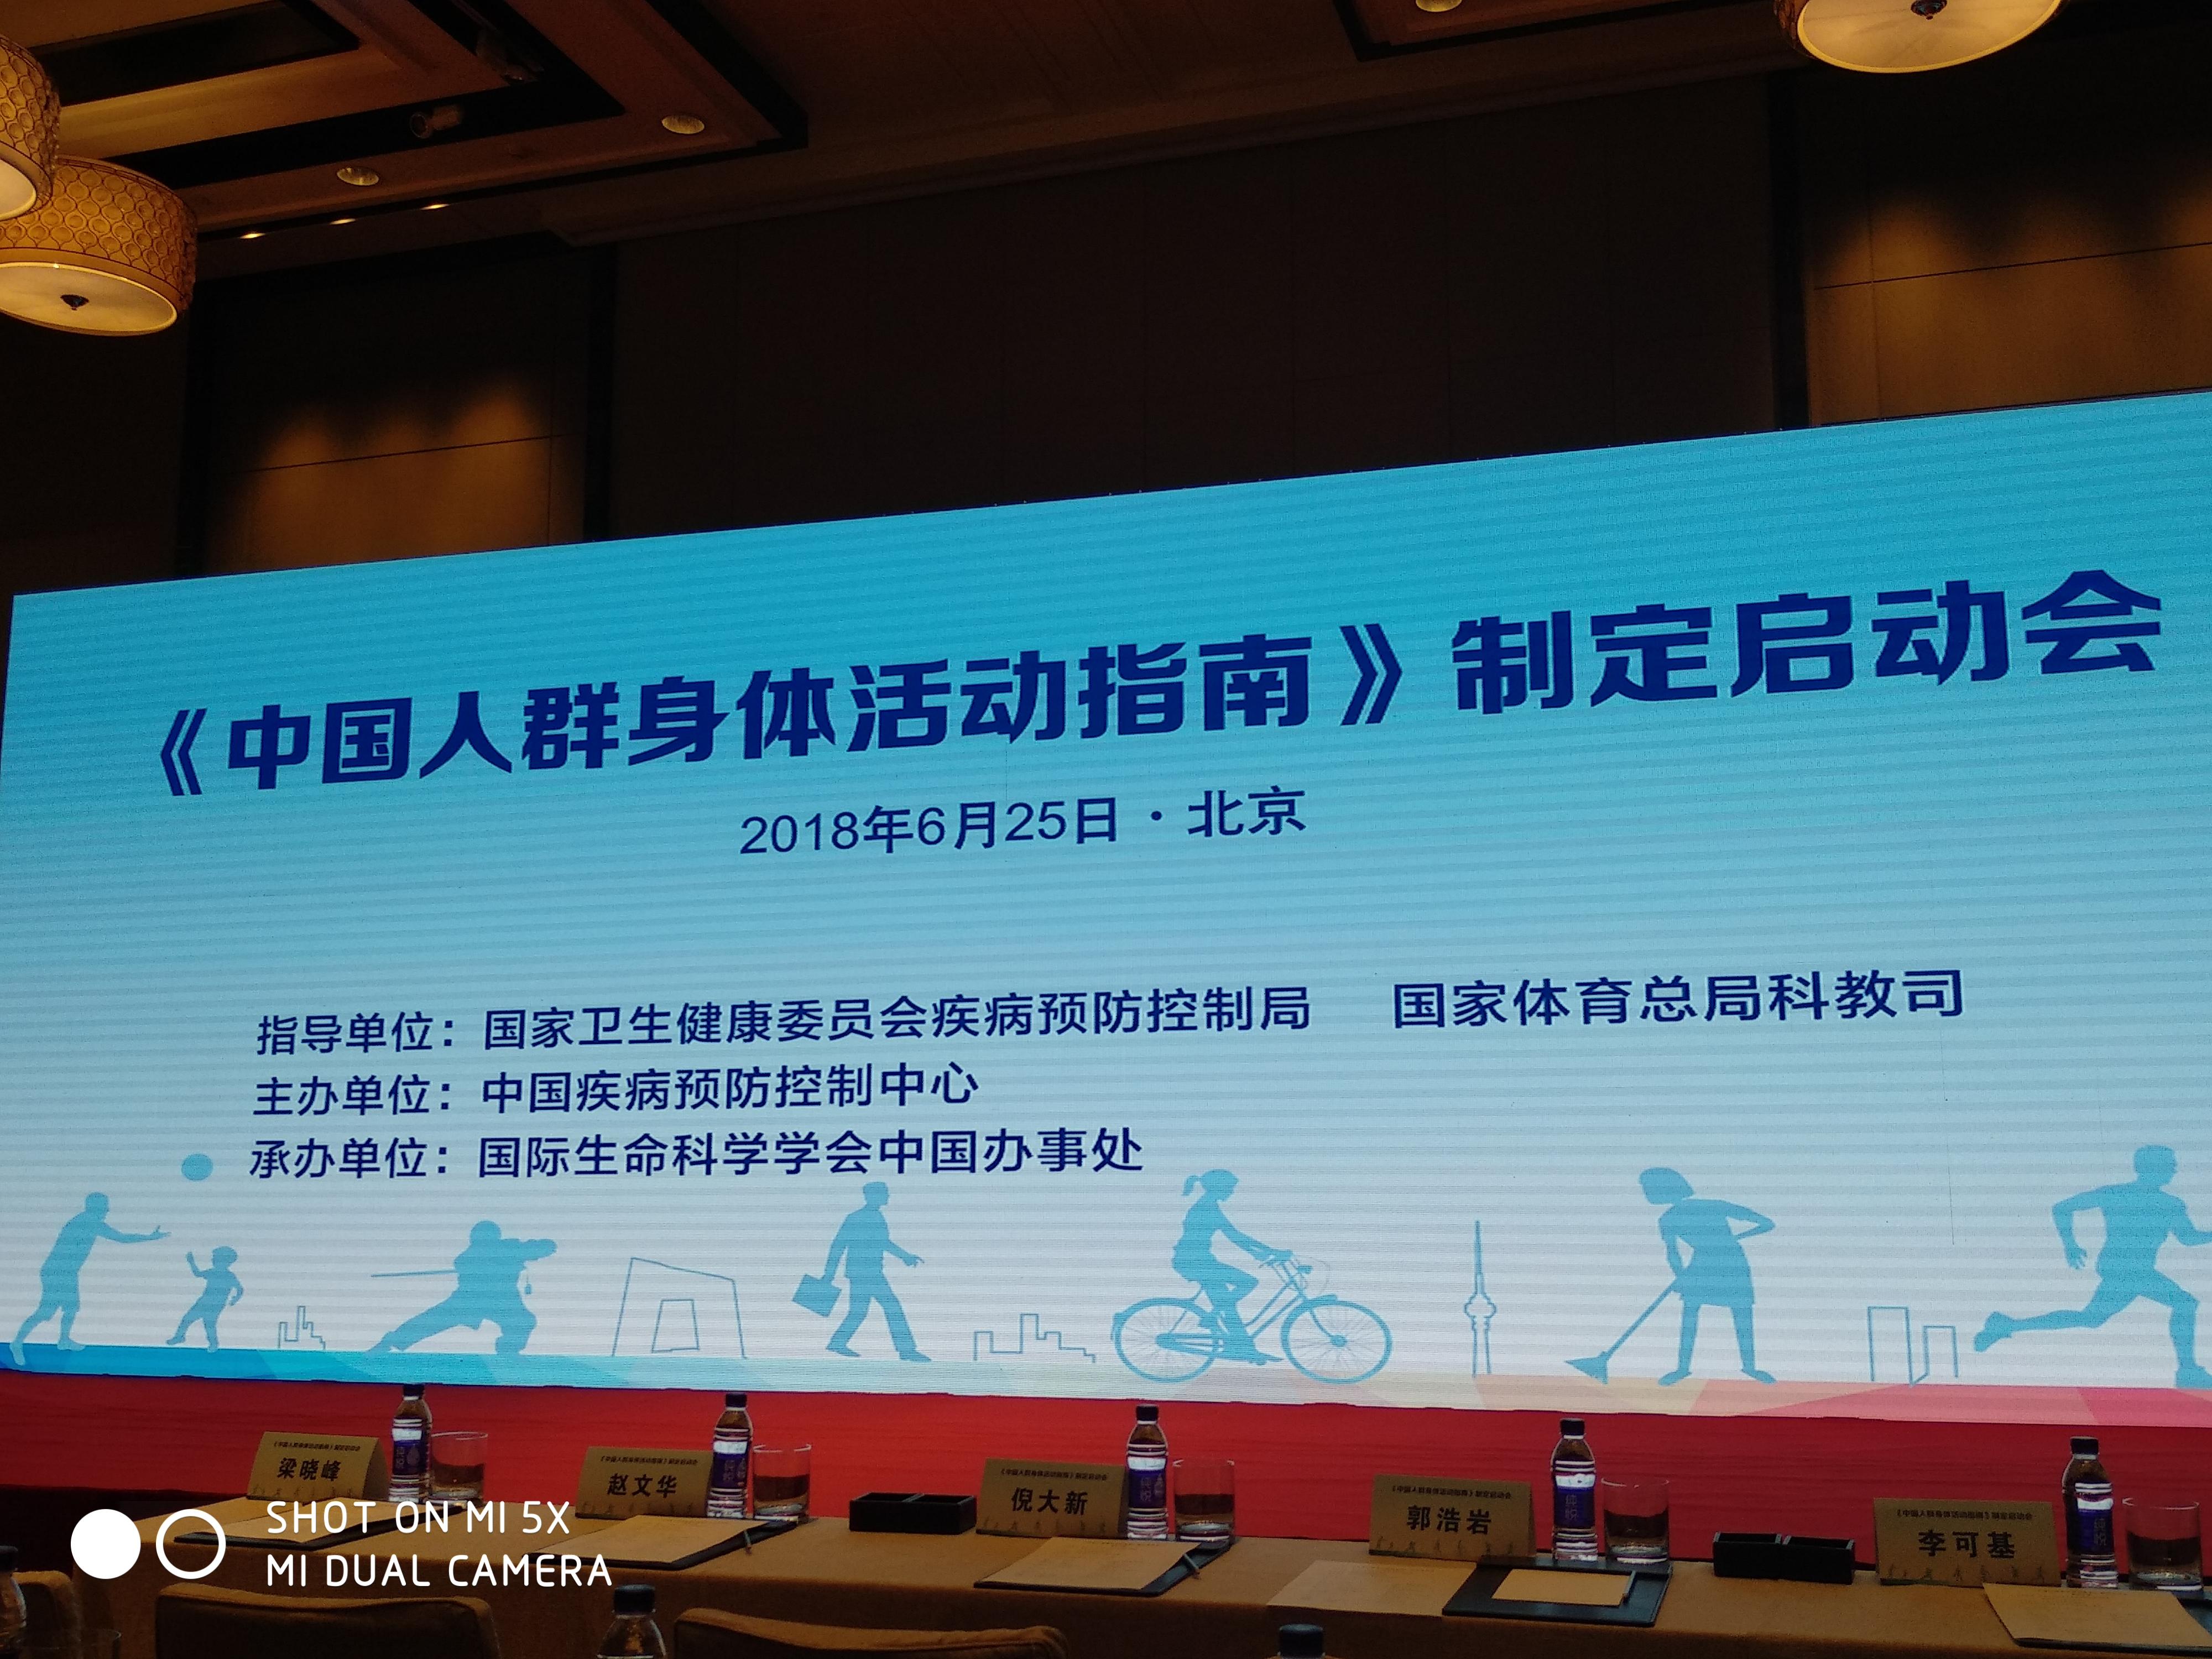 我国将定制《中国人群身体活动指南》,促进健康合理